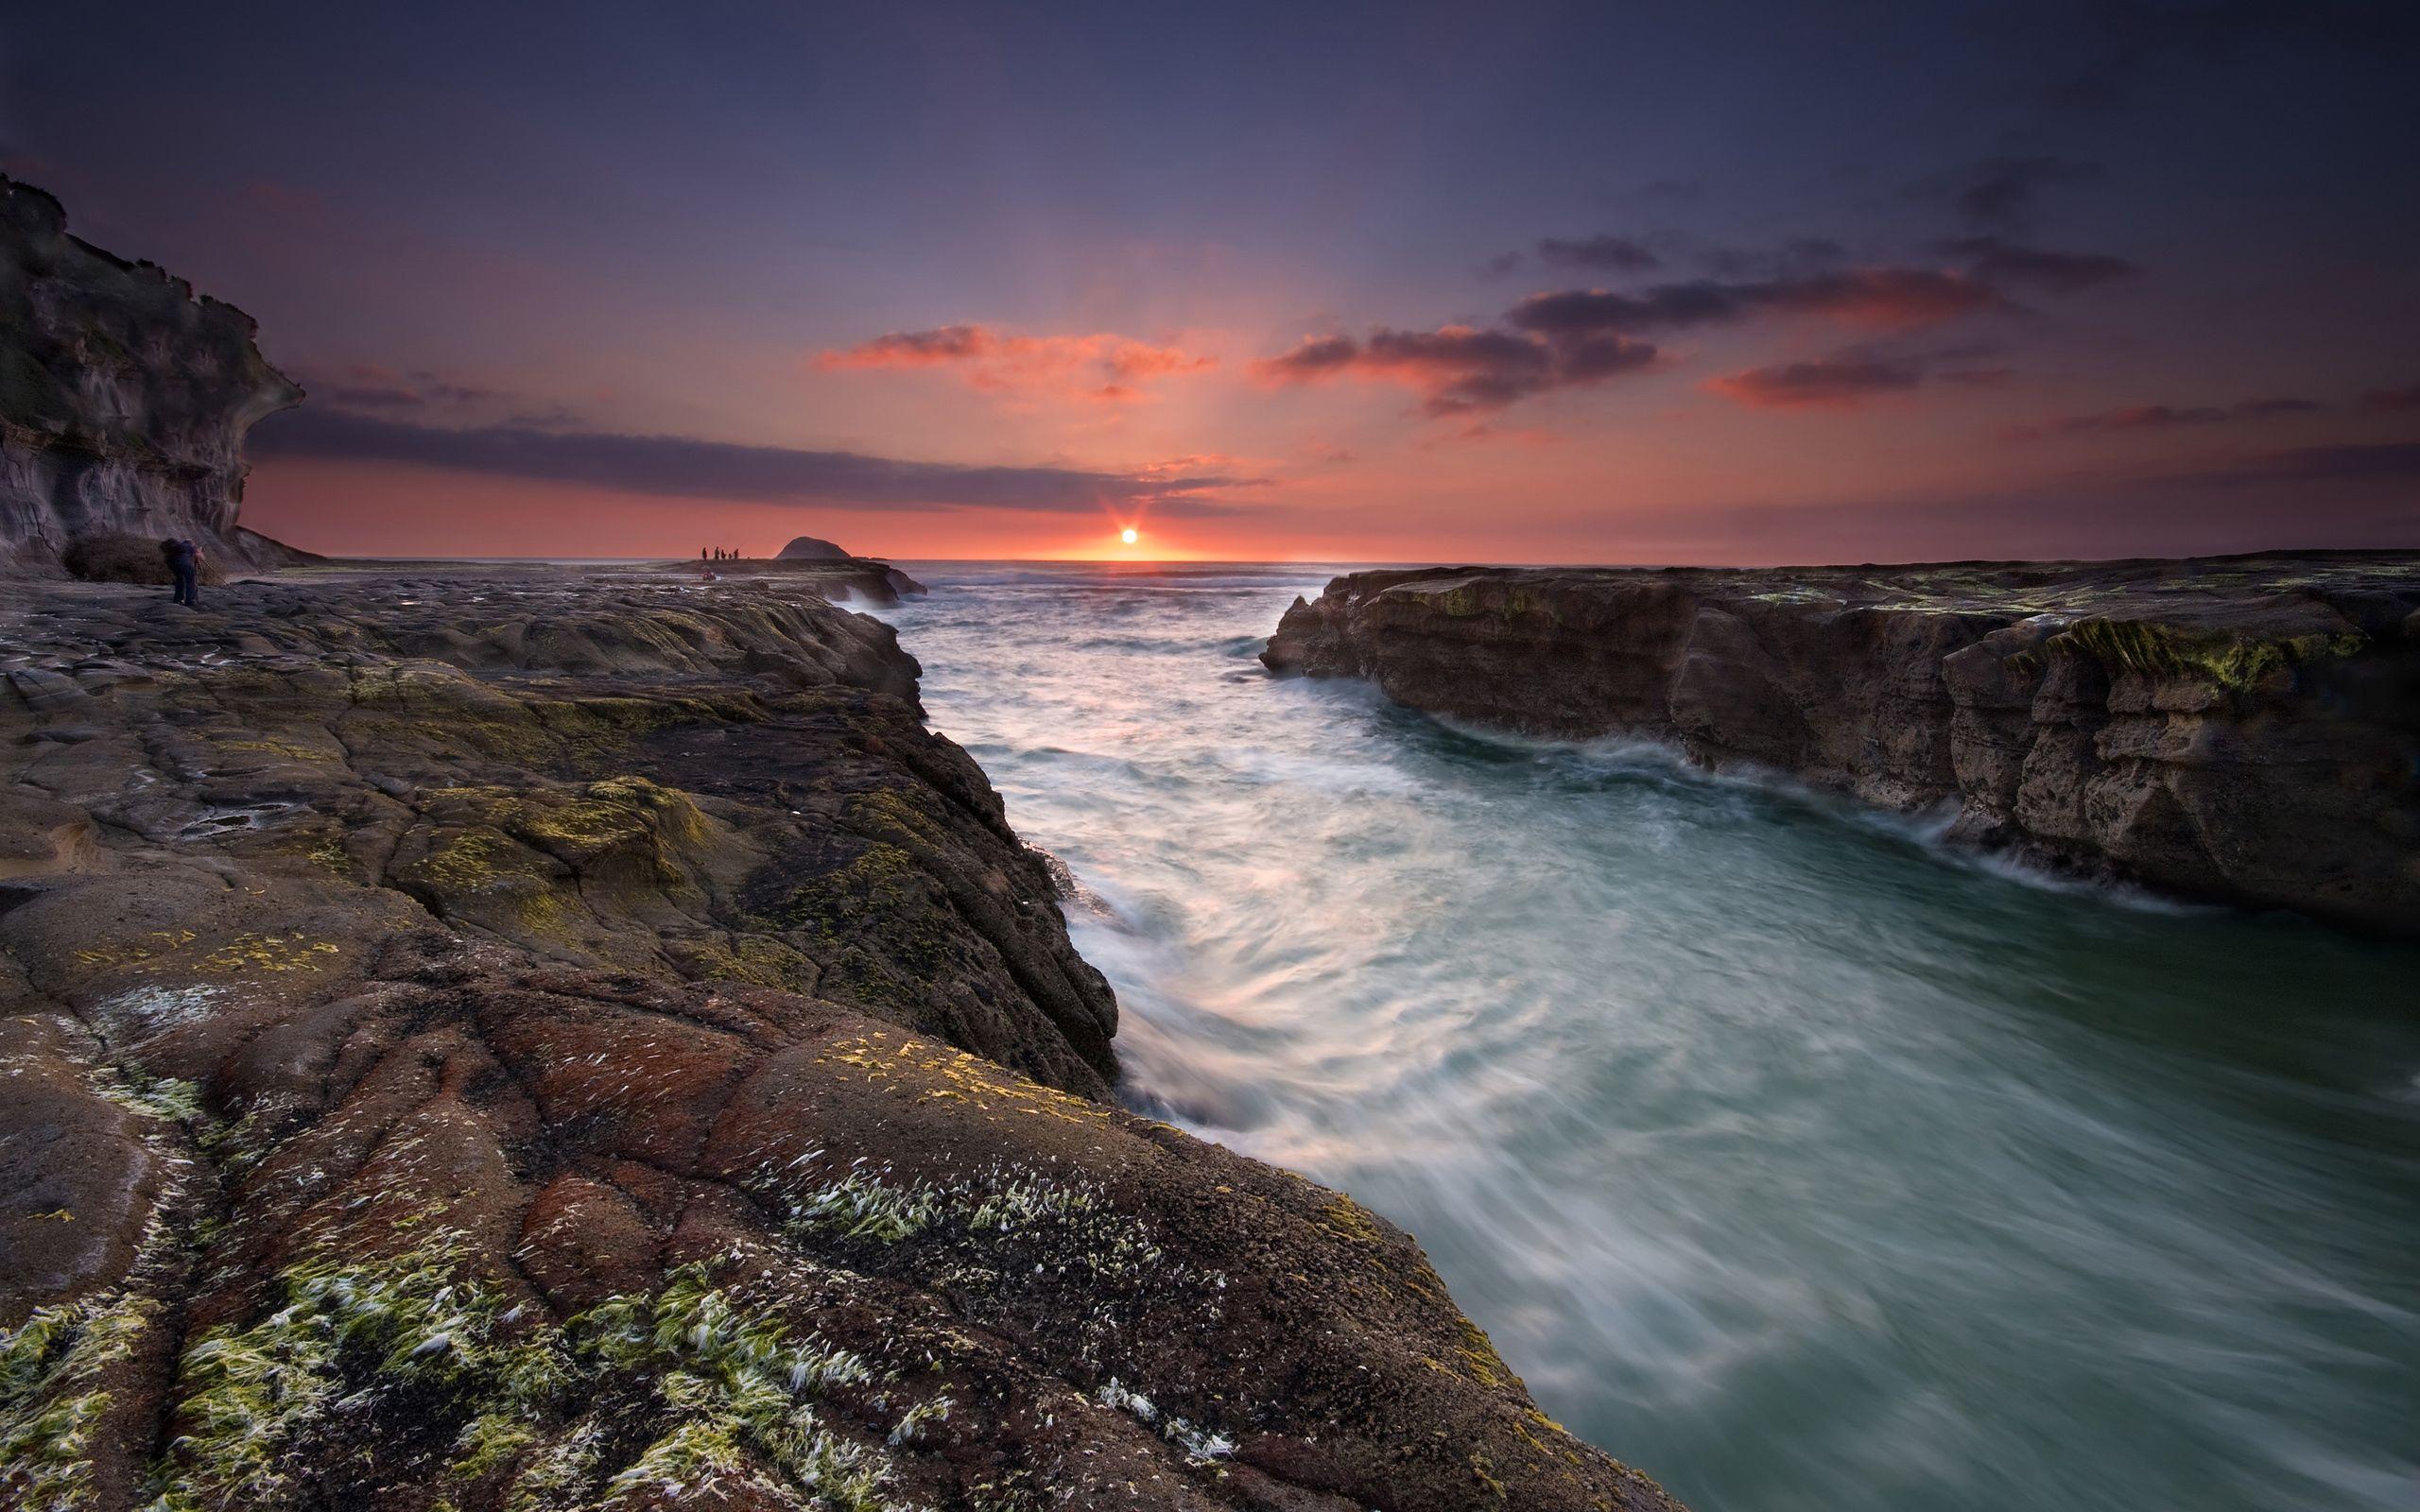 10 Fantastici Sfondi Di Natura Ad Alta Risoluzione Pixolo It